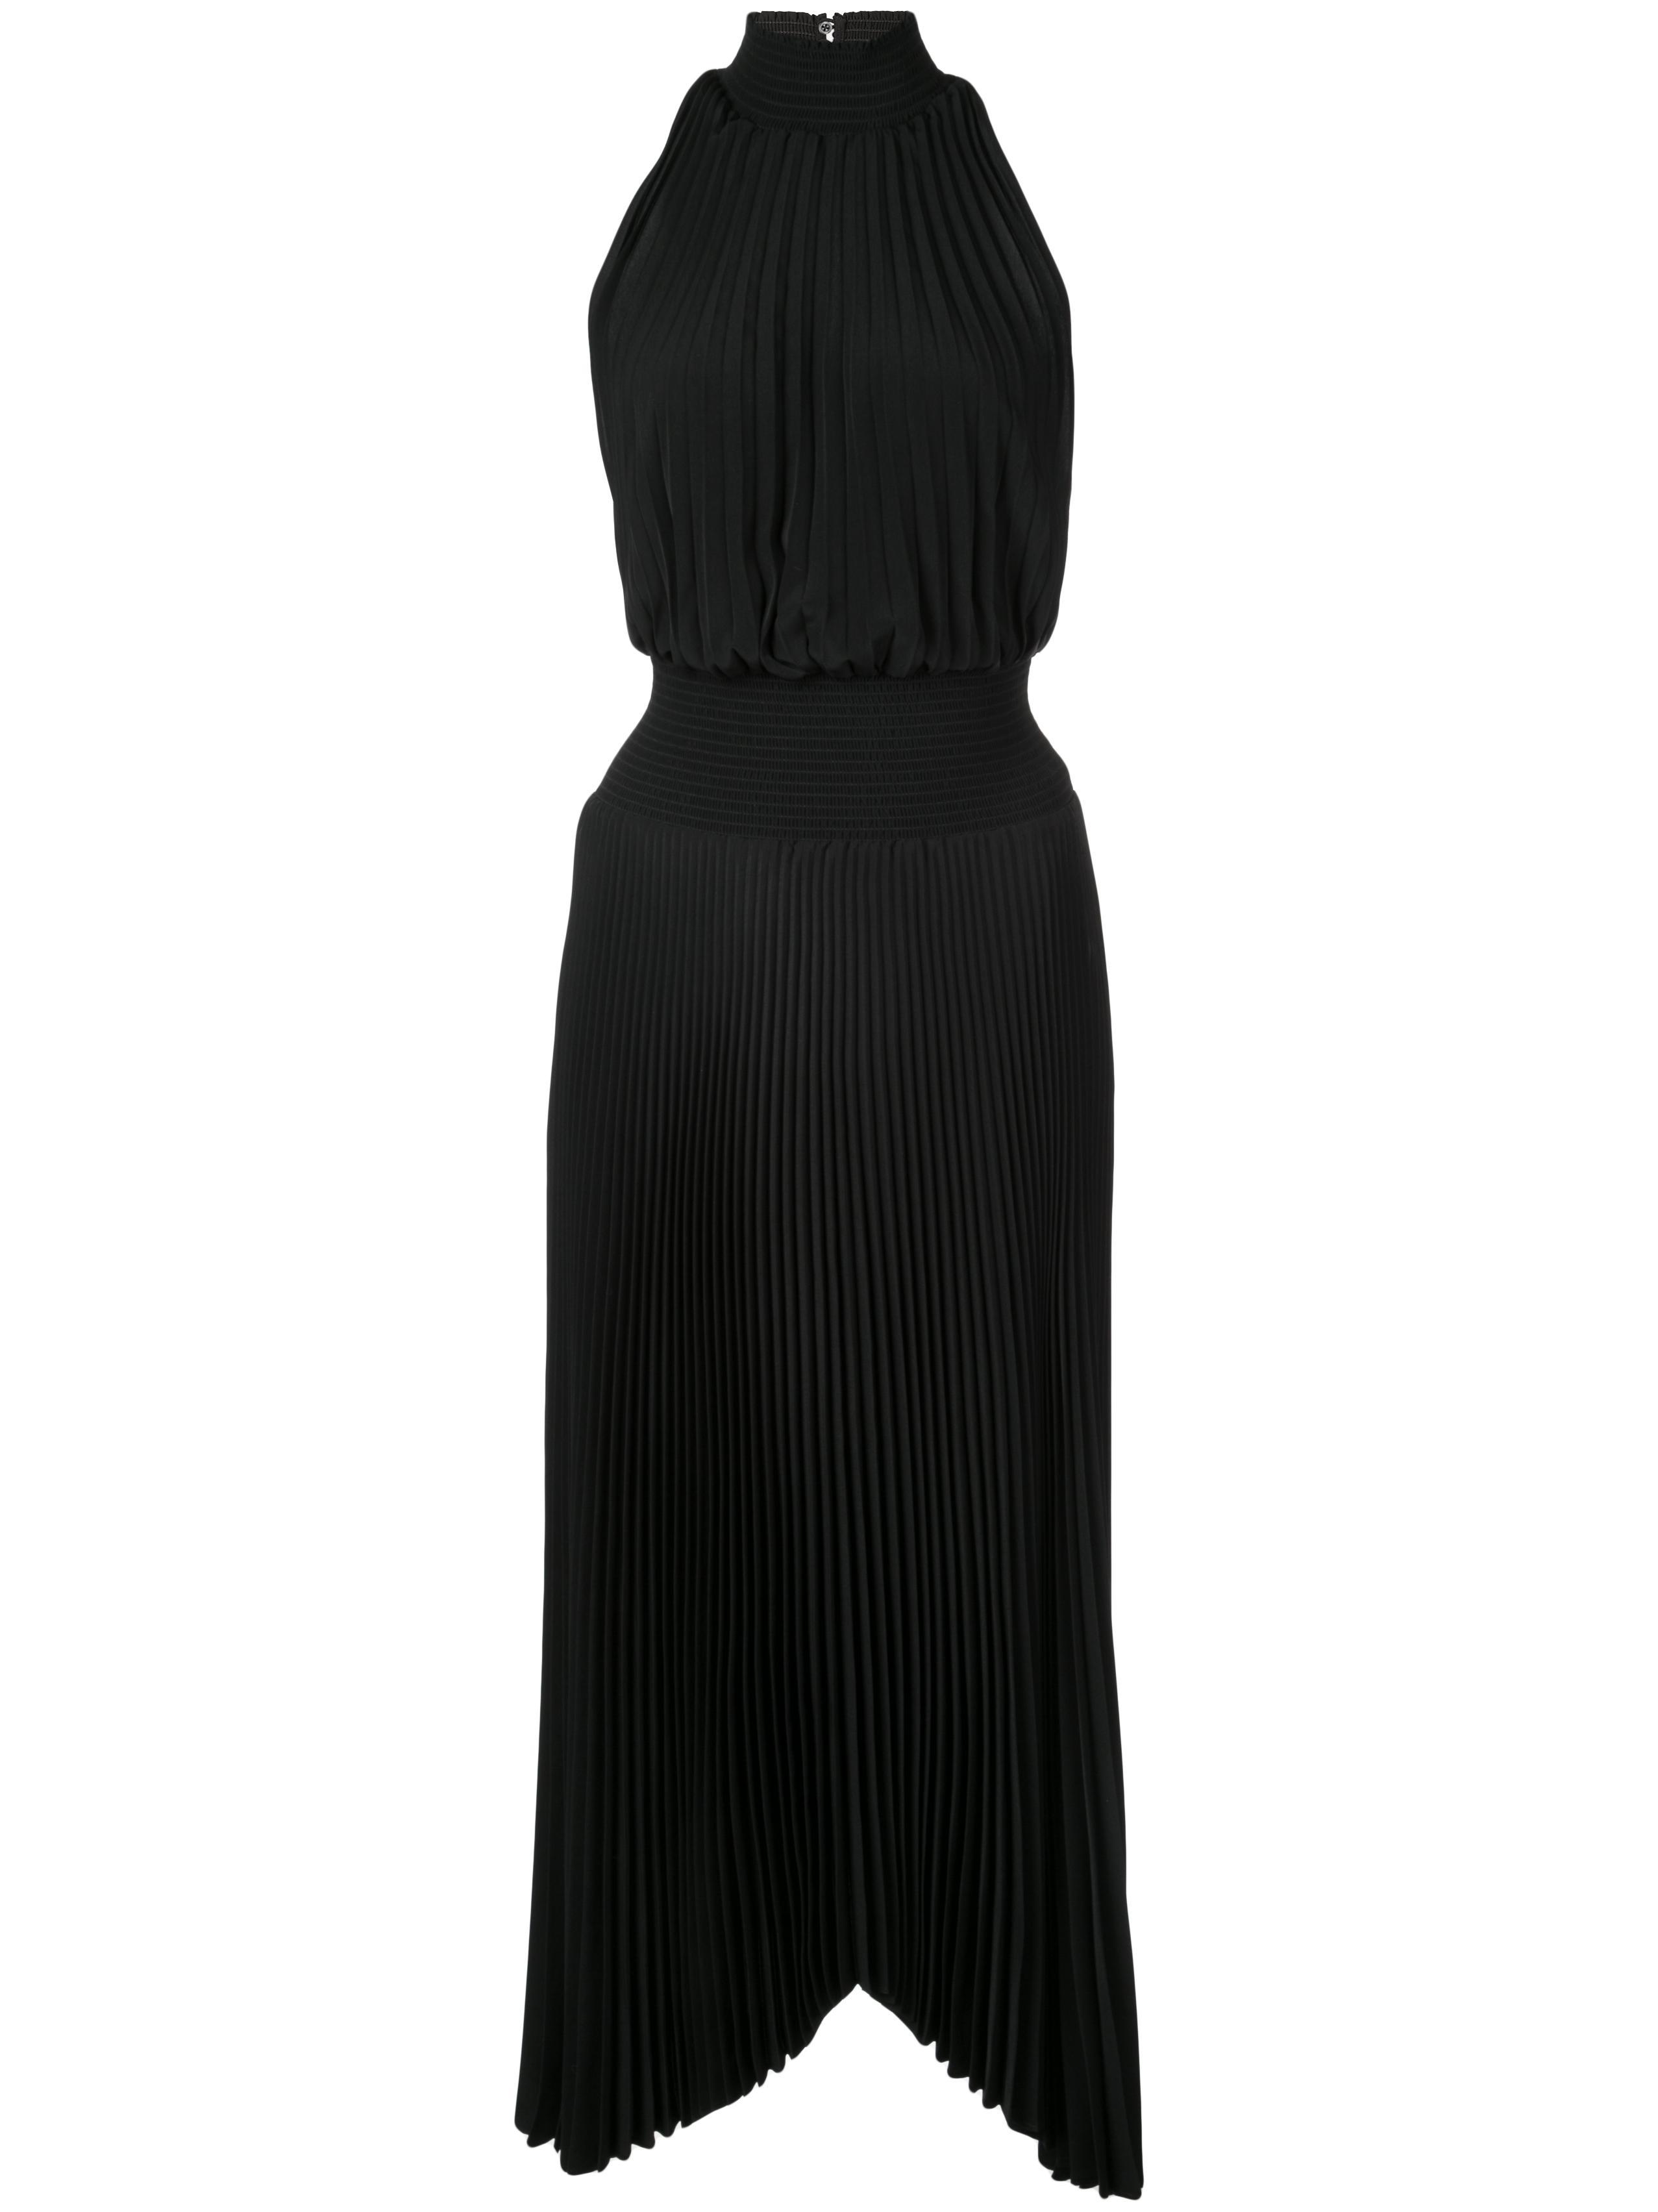 Renzo Vintage Satin Pleated Midi Dress Item # 6DRES00665